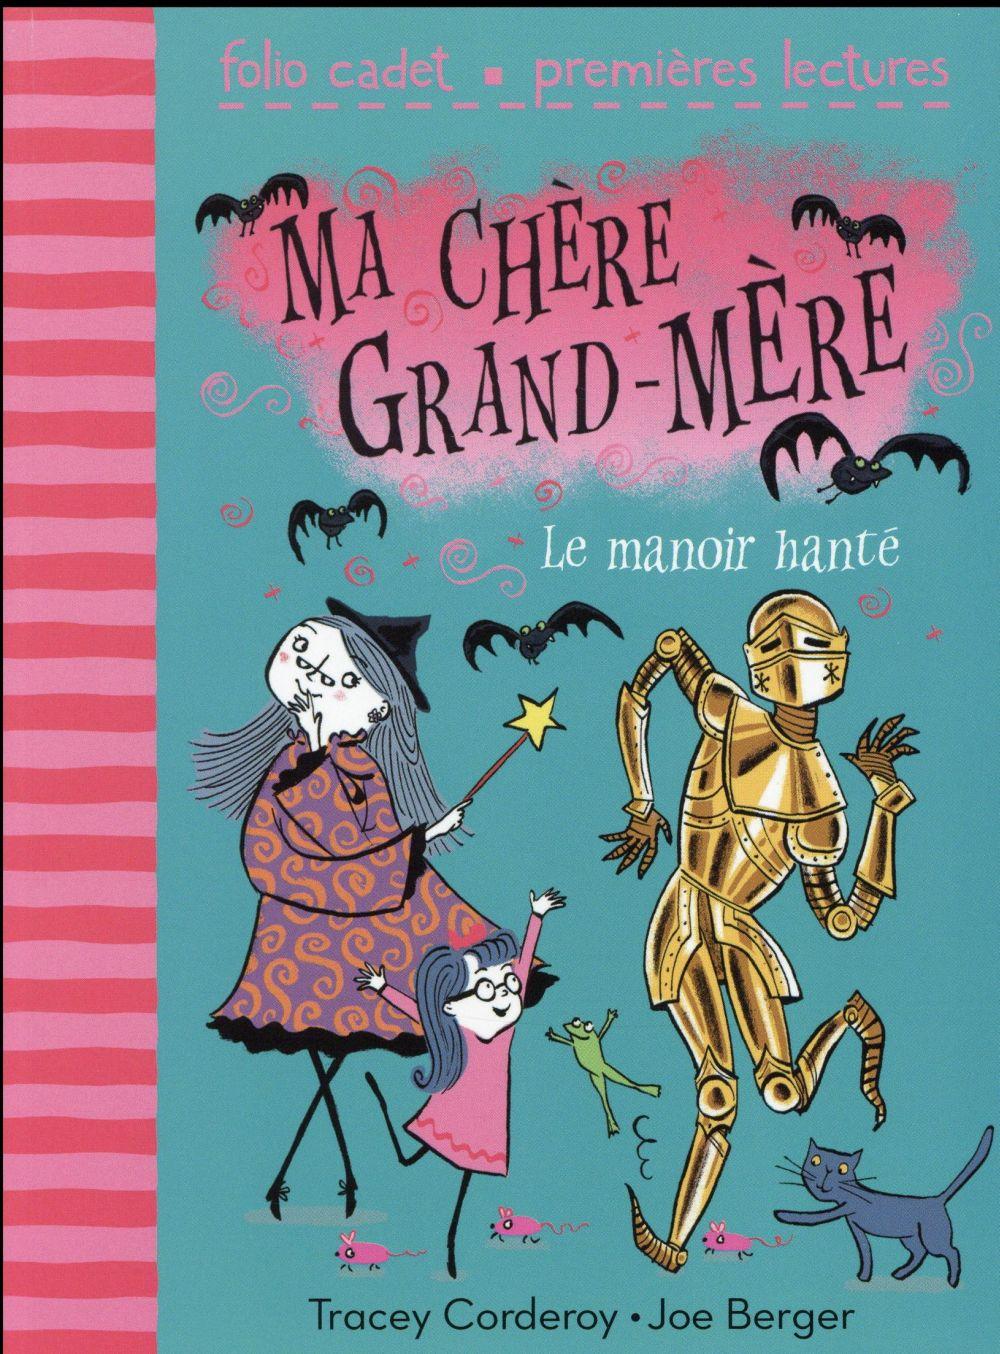 MA CHERE GRAND-MERE, 3 : LE MANOIR HANTE